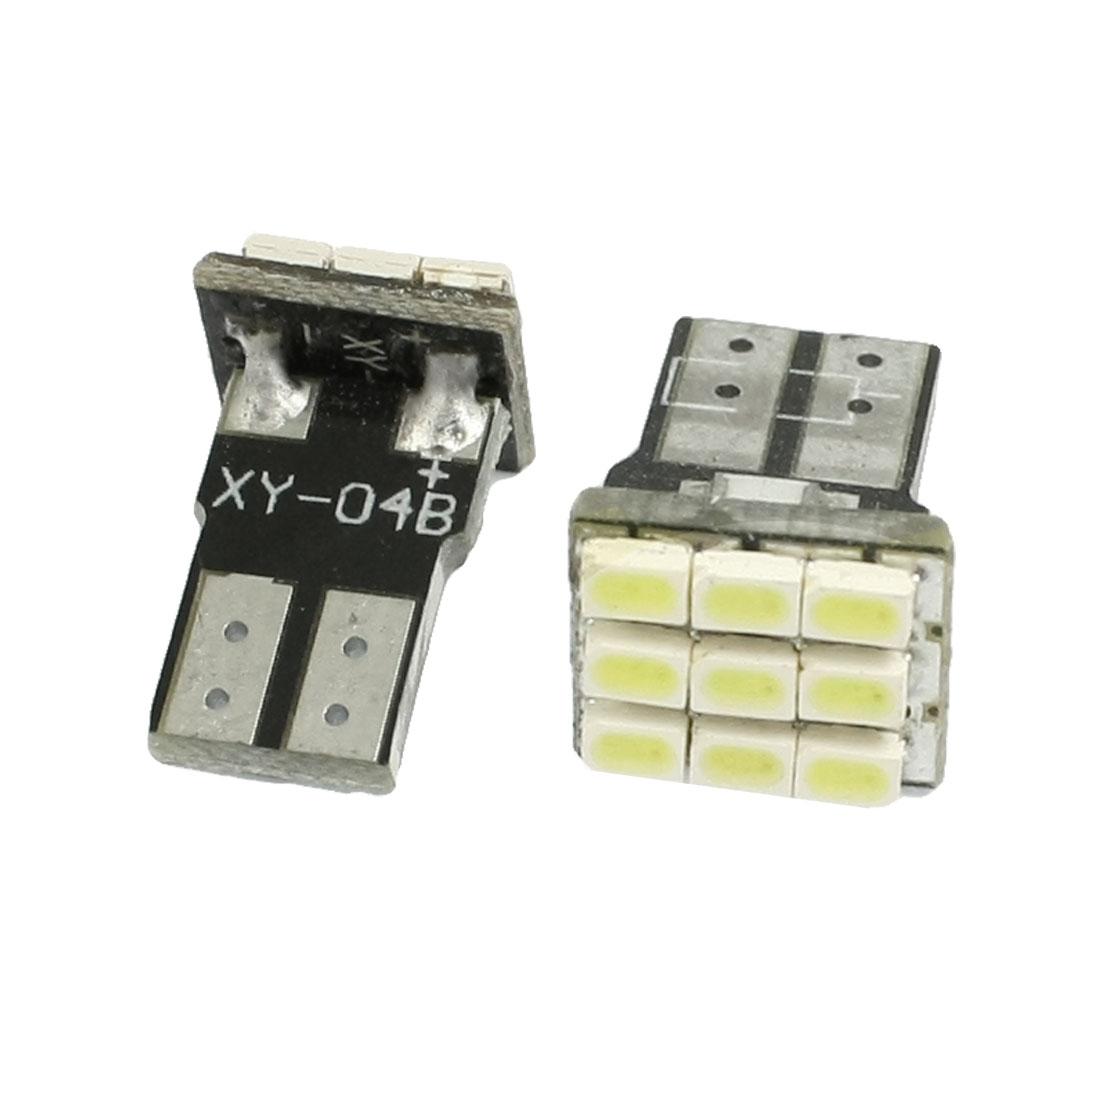 2 Pcs T10 W5W 194 168 Car Auto White 1206 SMD 9 LED Light Bulb Lamp